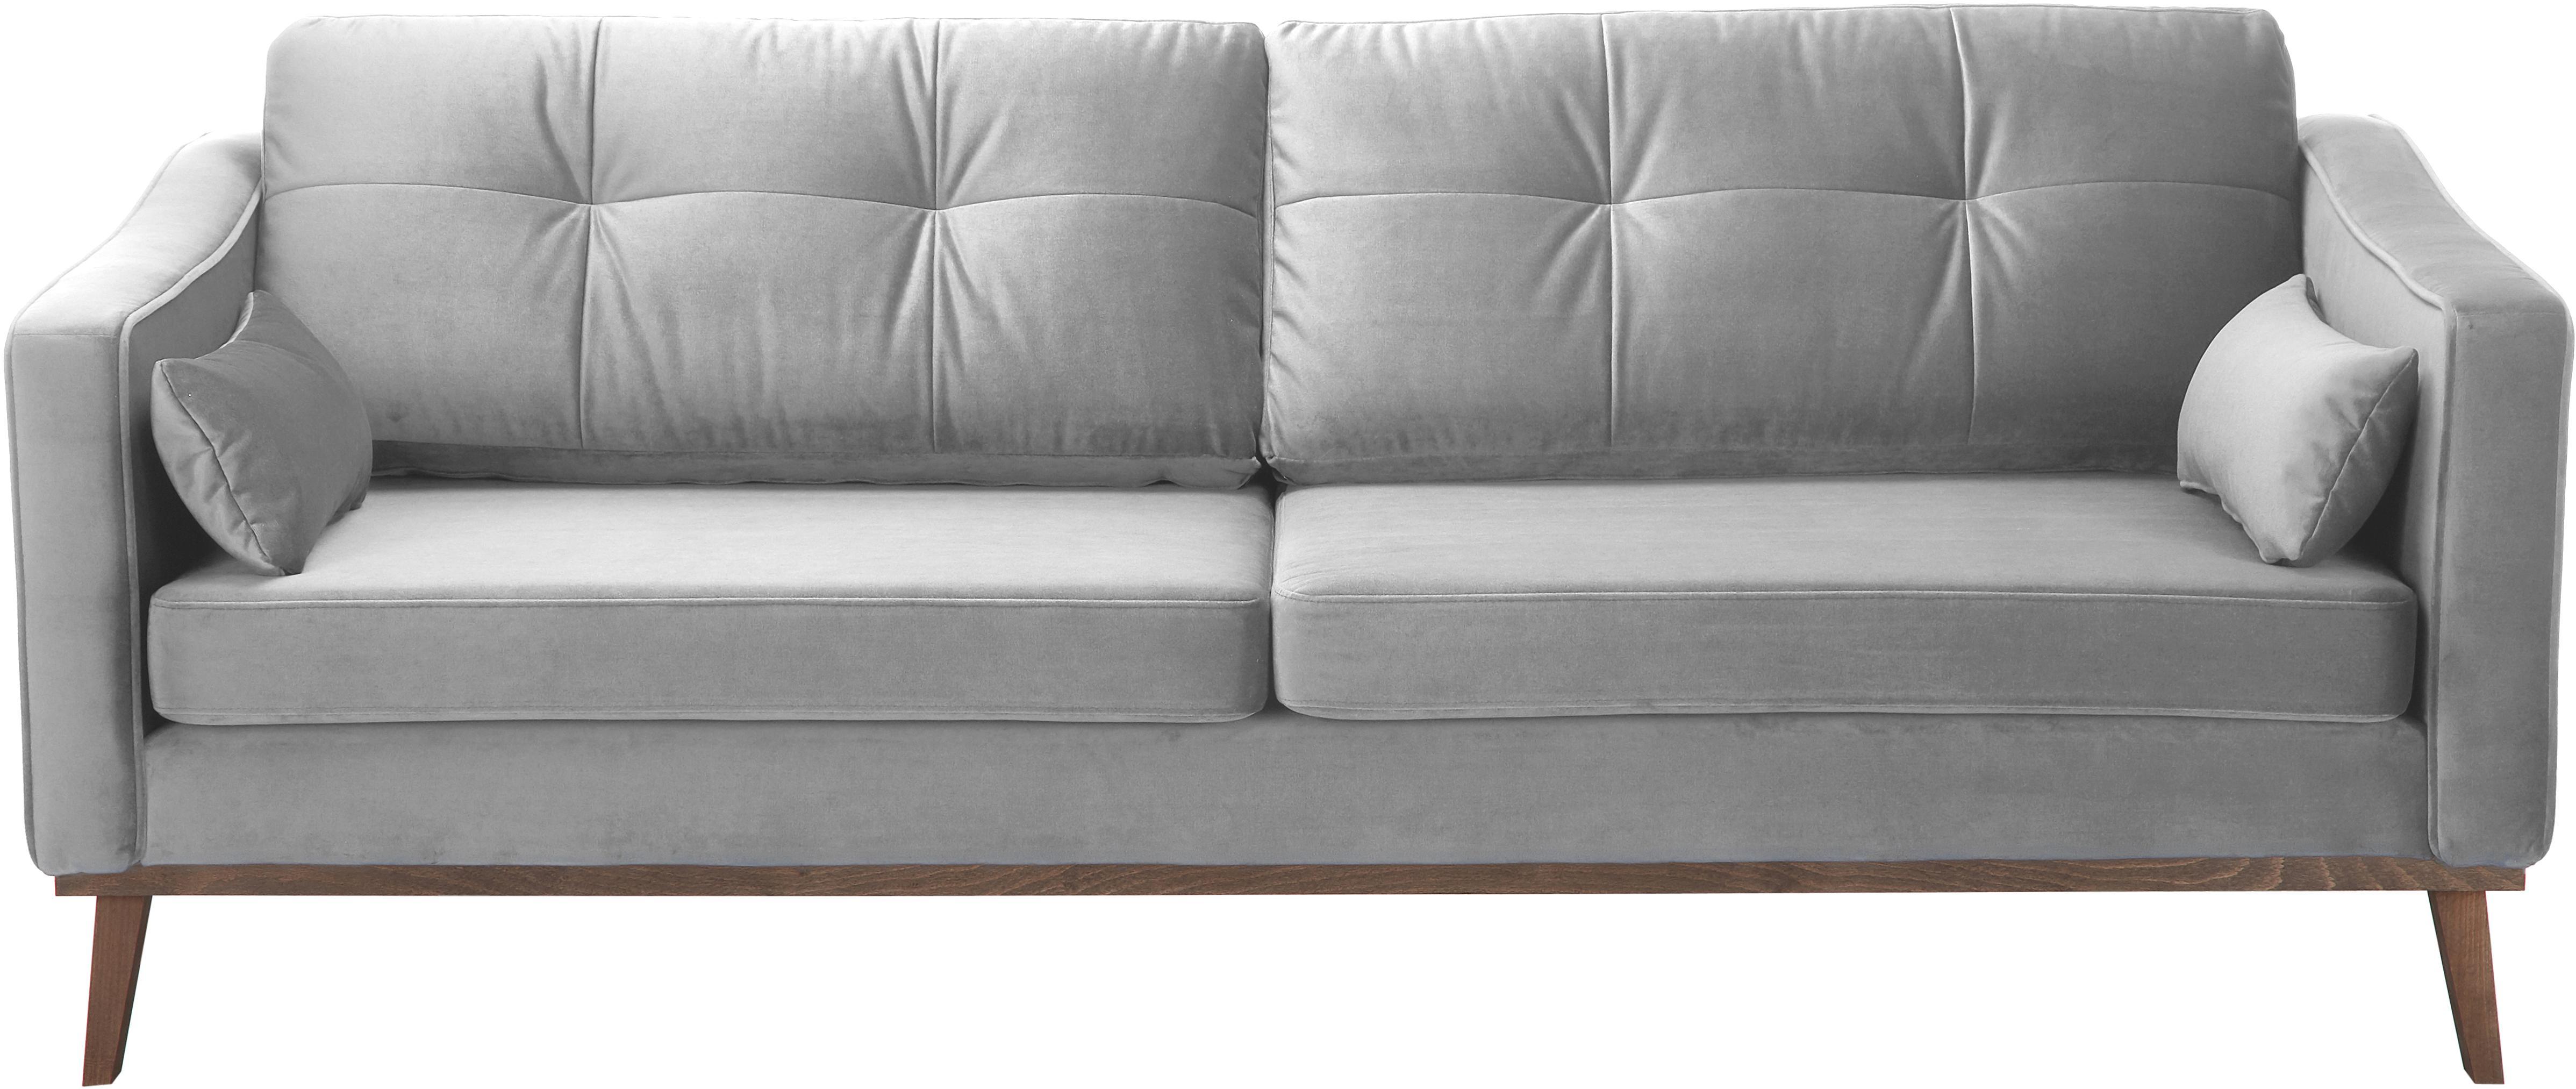 Fluwelen bank Alva (3-zits), Bekleding: fluweel (hoogwaardig poly, Frame: massief grenenhout, Poten: massief gebeitst beukenho, Grijs, B 215 x D 92 cm